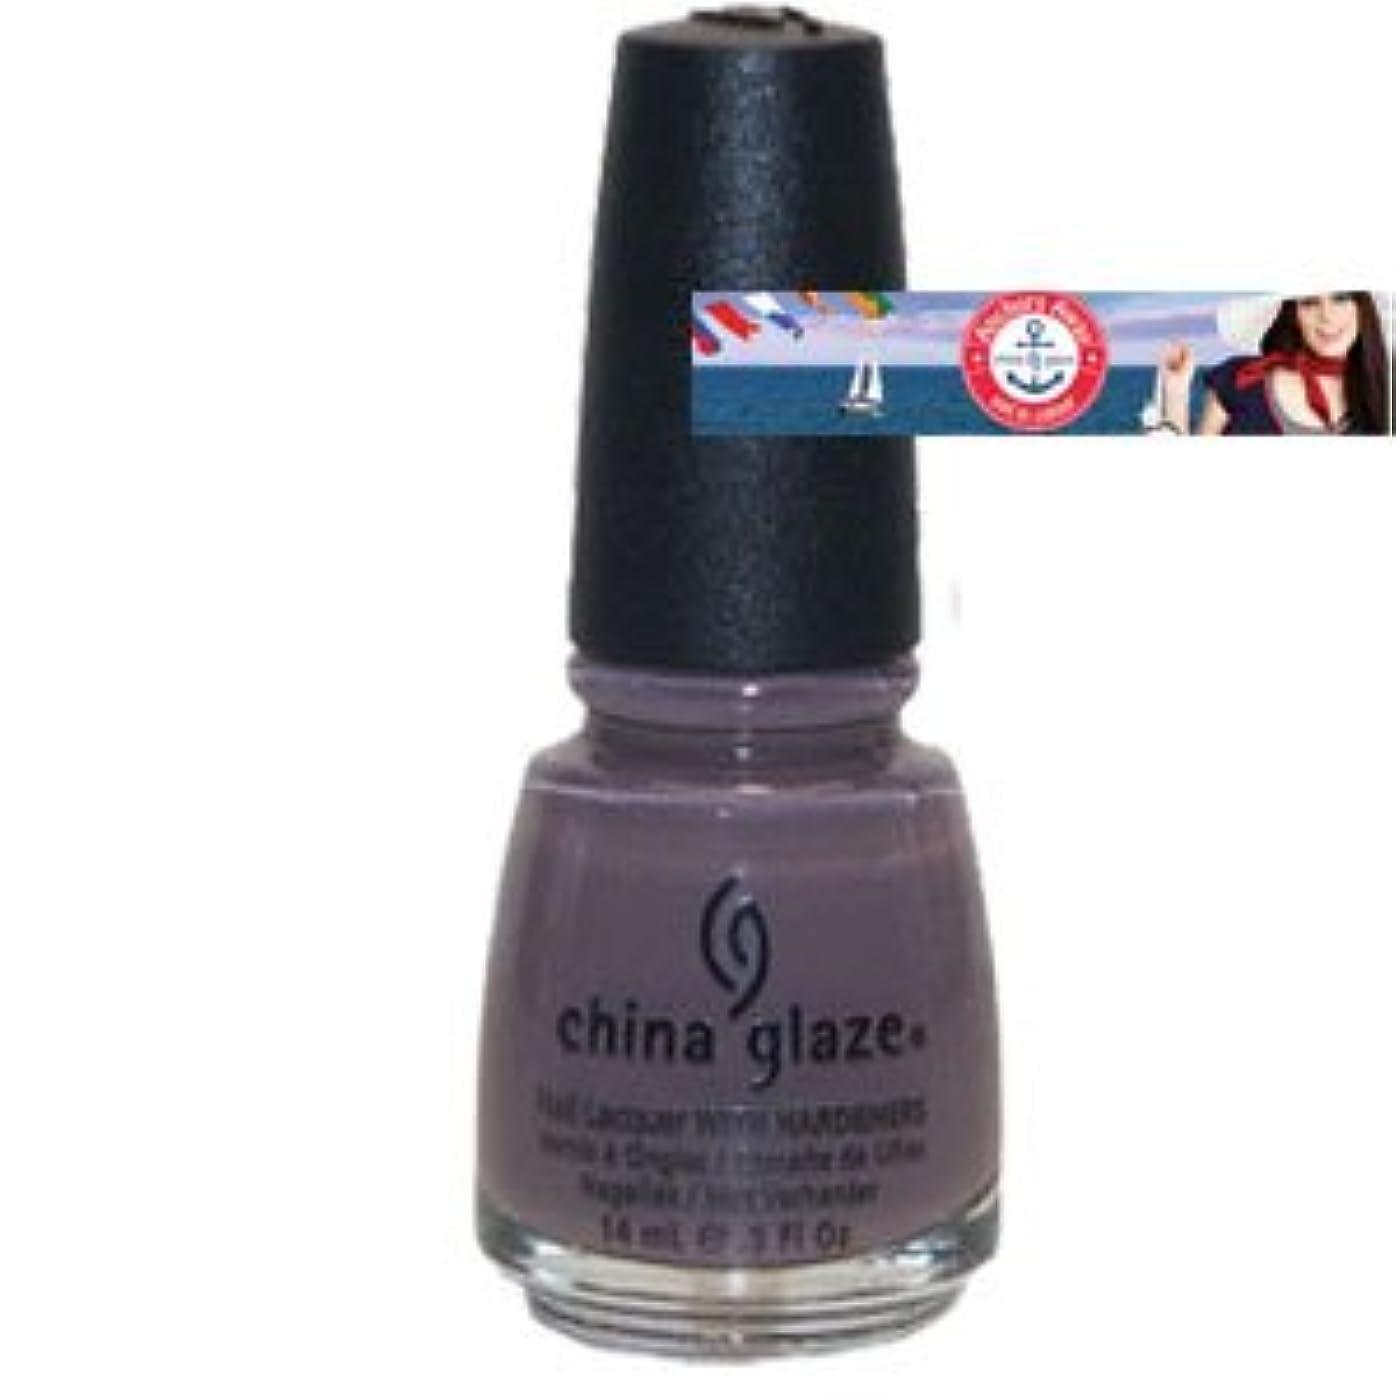 モーションそれからヘリコプター(チャイナグレイズ)China Glaze Anchors Away Collection・Below Deck [海外直送品][並行輸入品]